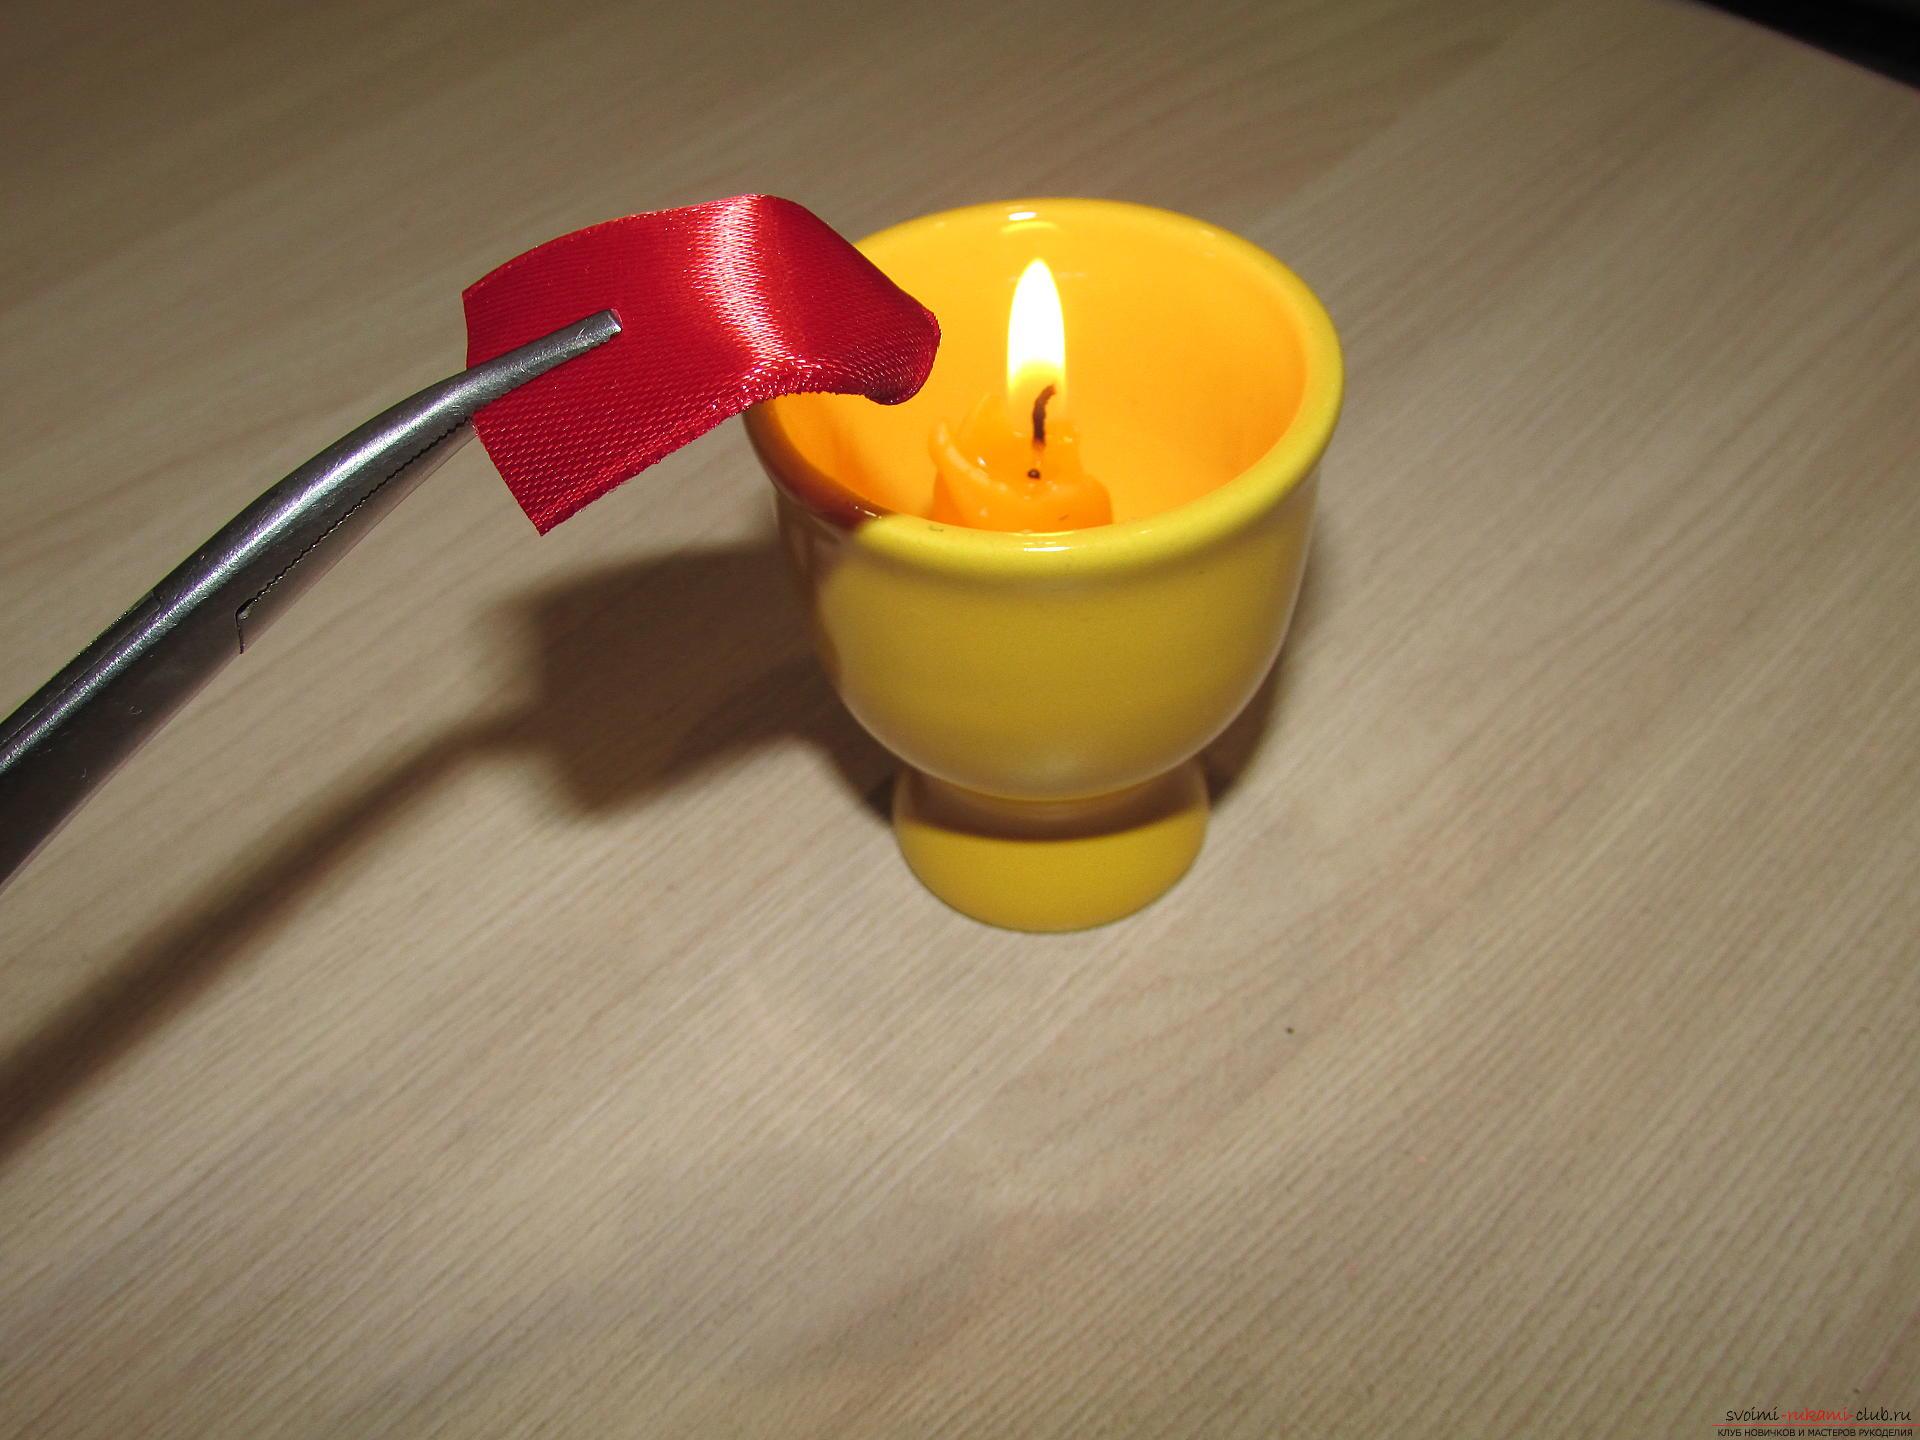 Этот мастер-класс научит как сделать тюльпаны из атласных лент своими руками.. Фото №4